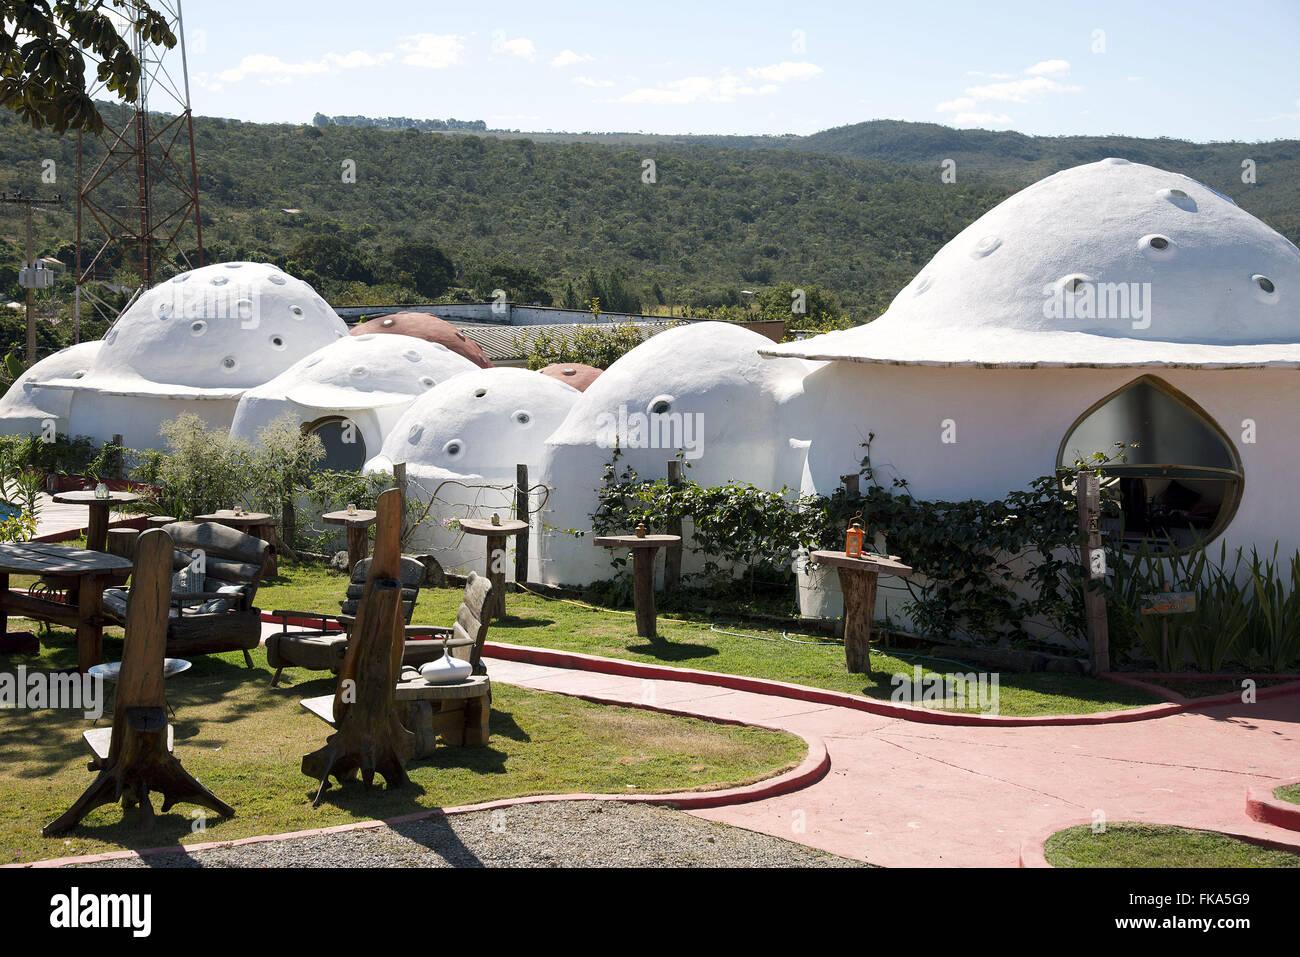 Inn built in the shape of flying saucer - Stock Image